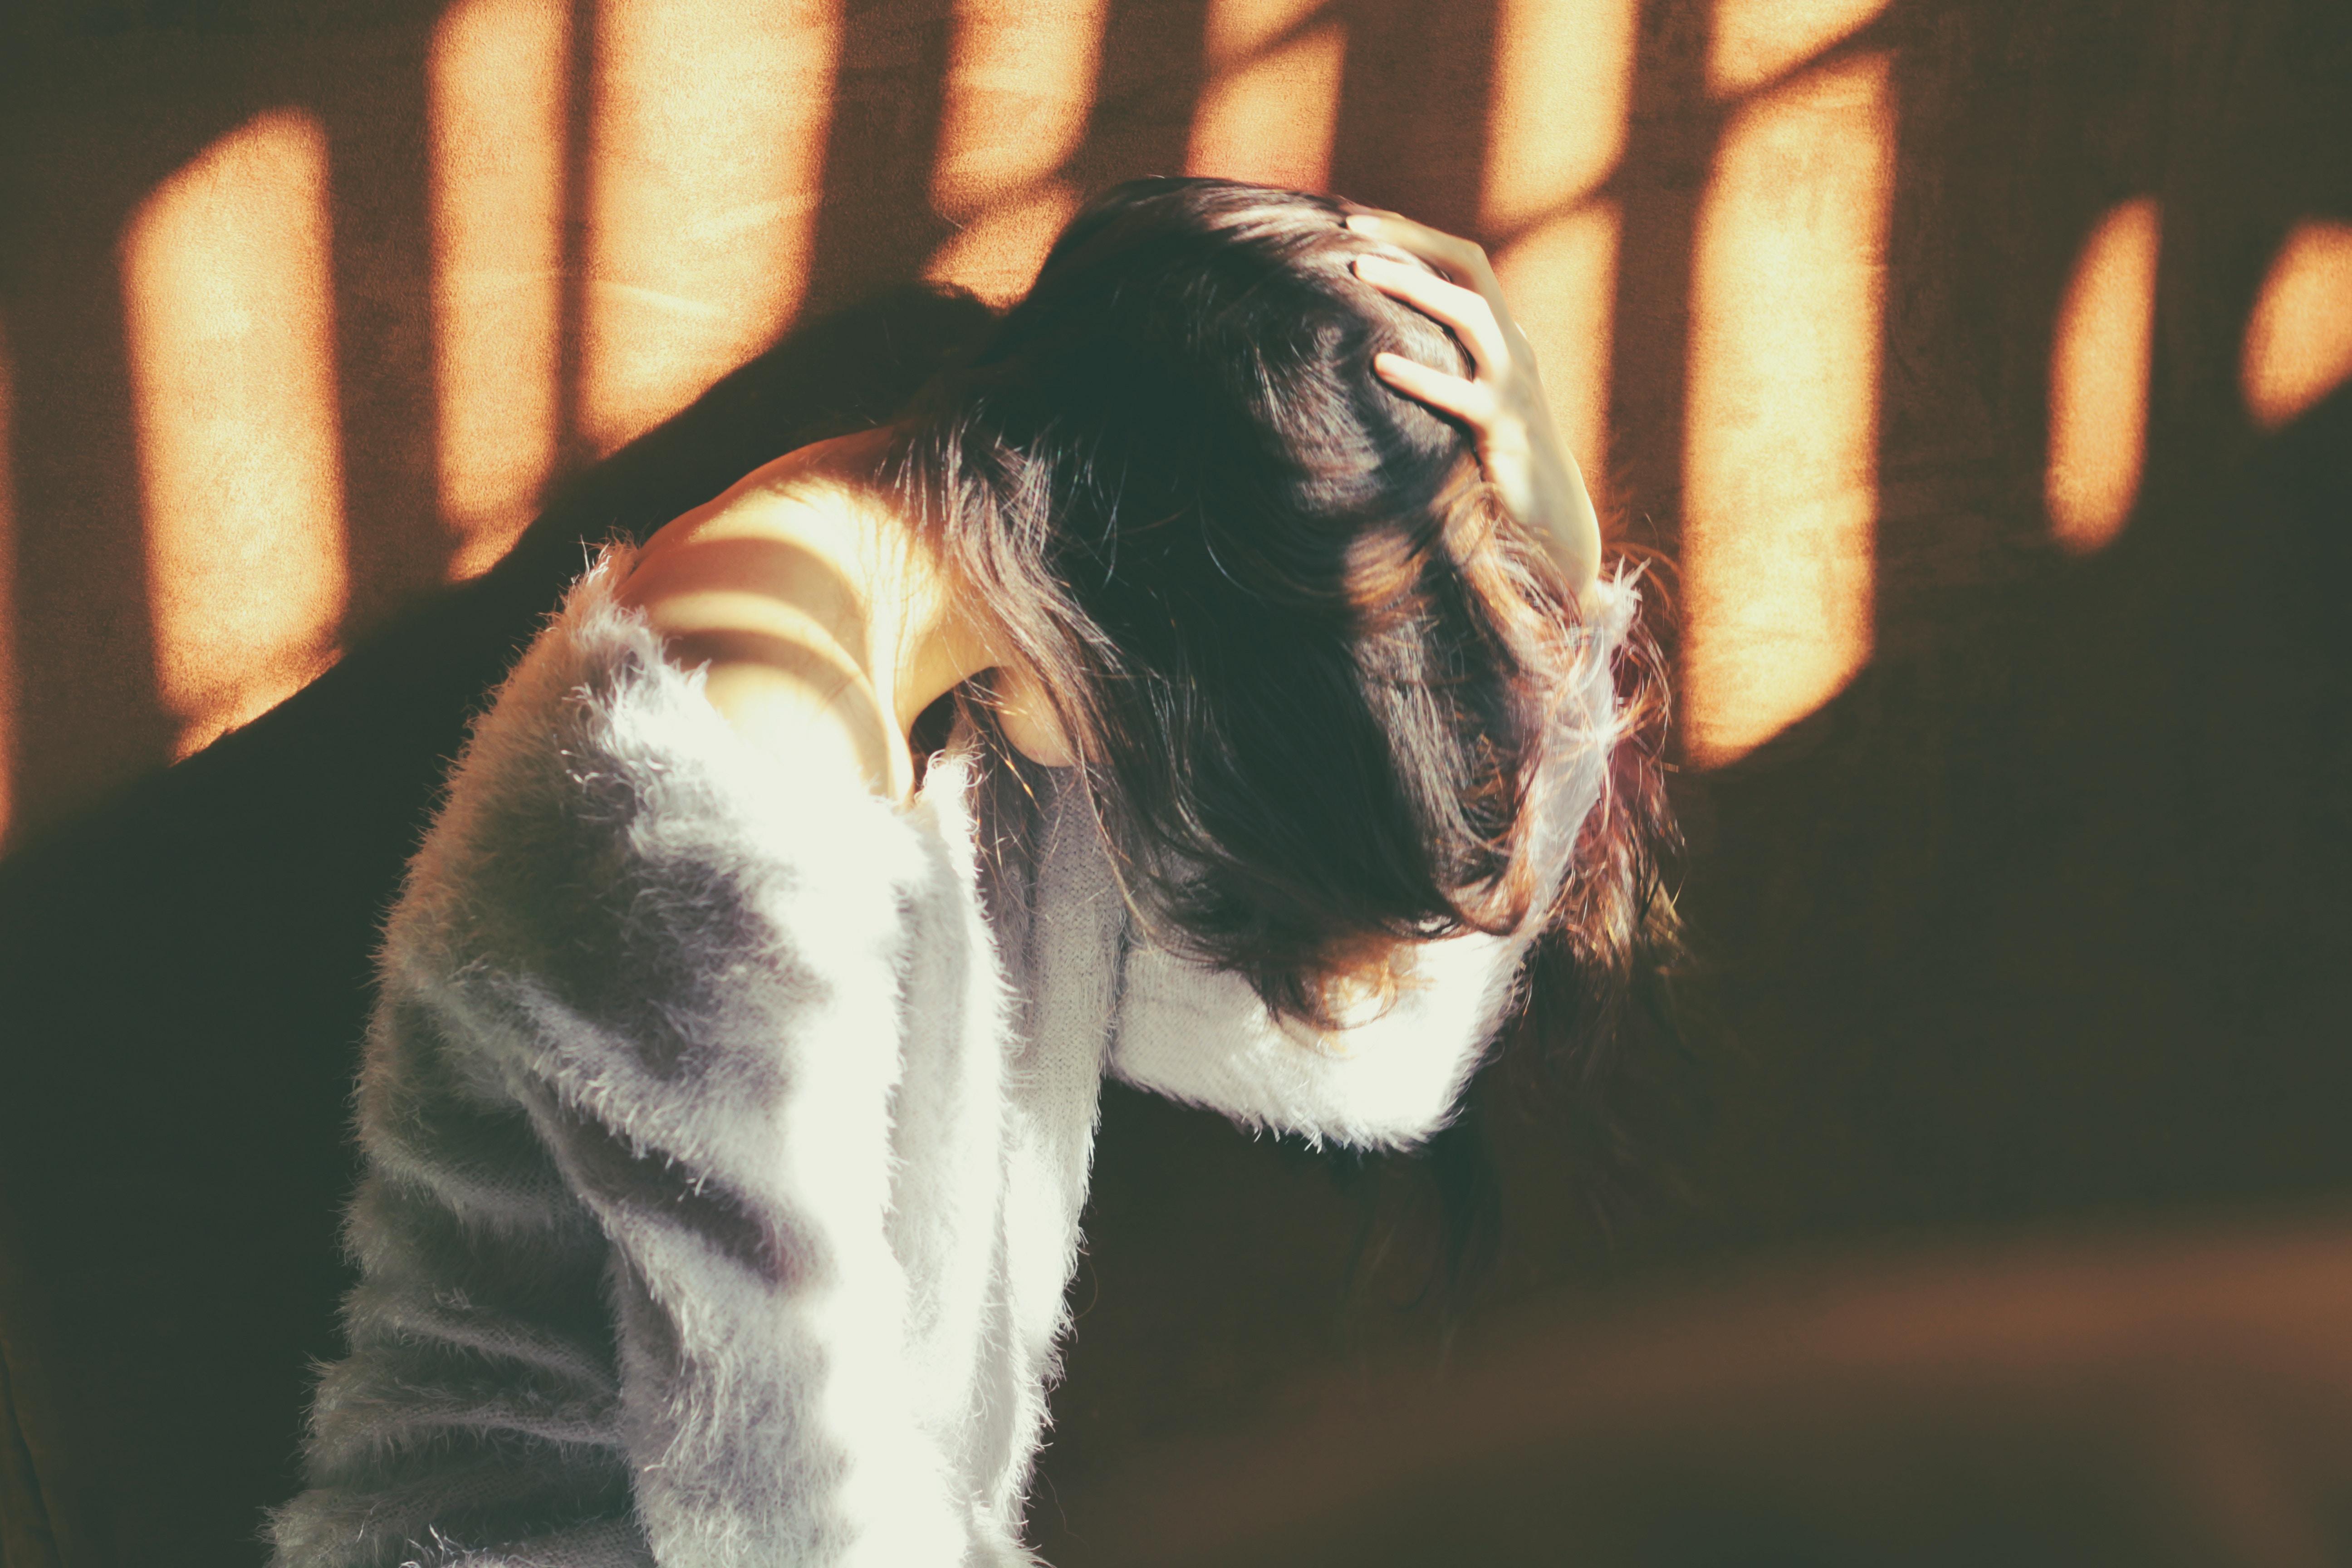 頭痛で頭を抱える女性の画像